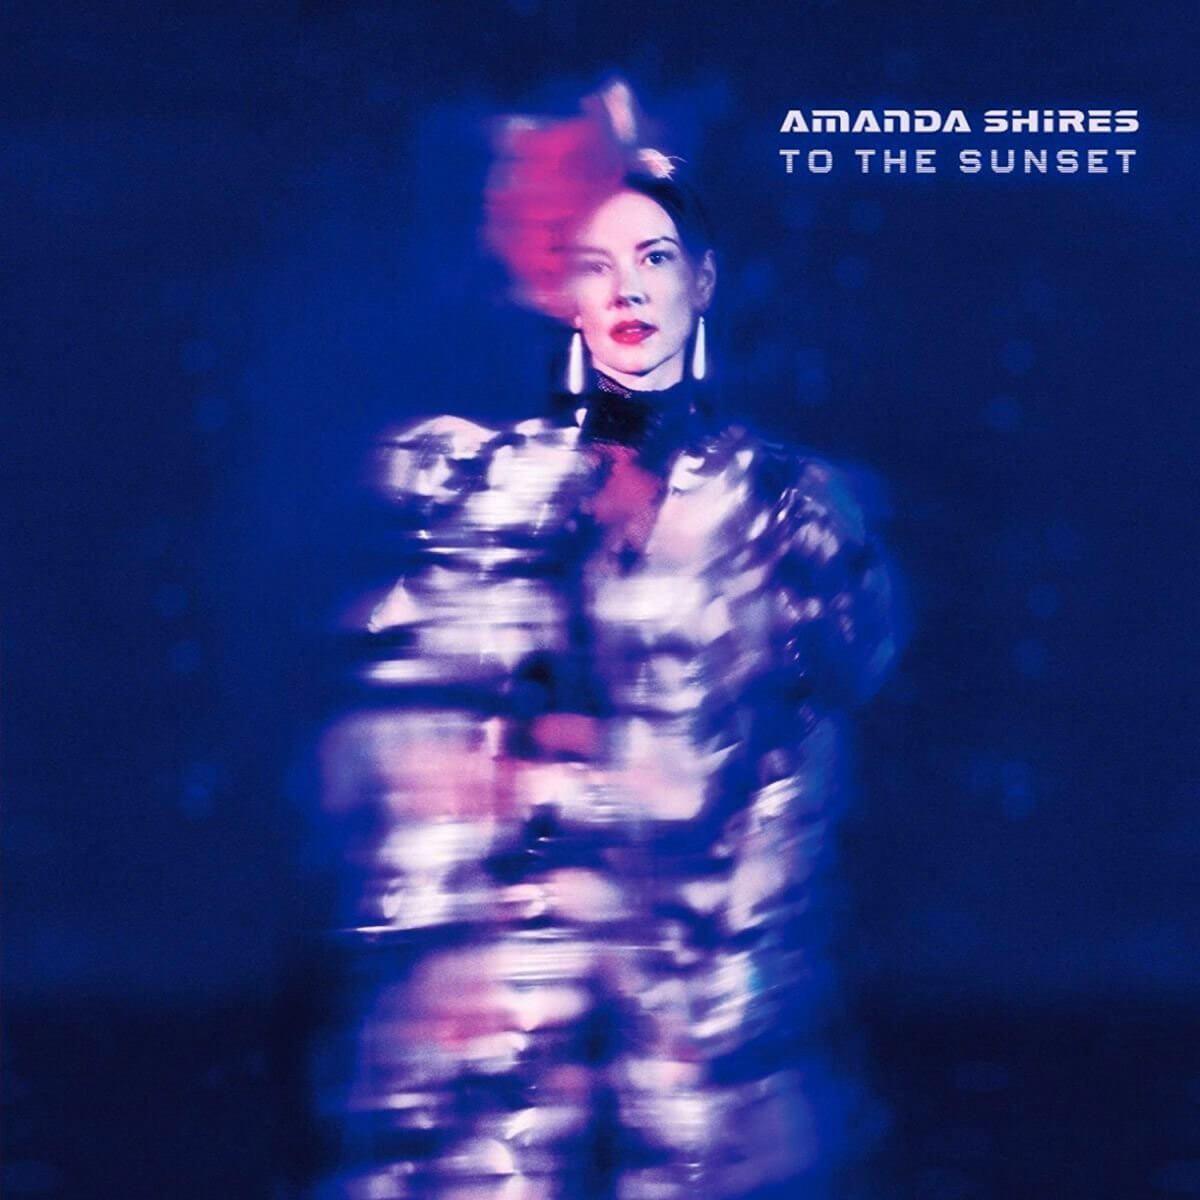 Discos 2018 - Amanda shires